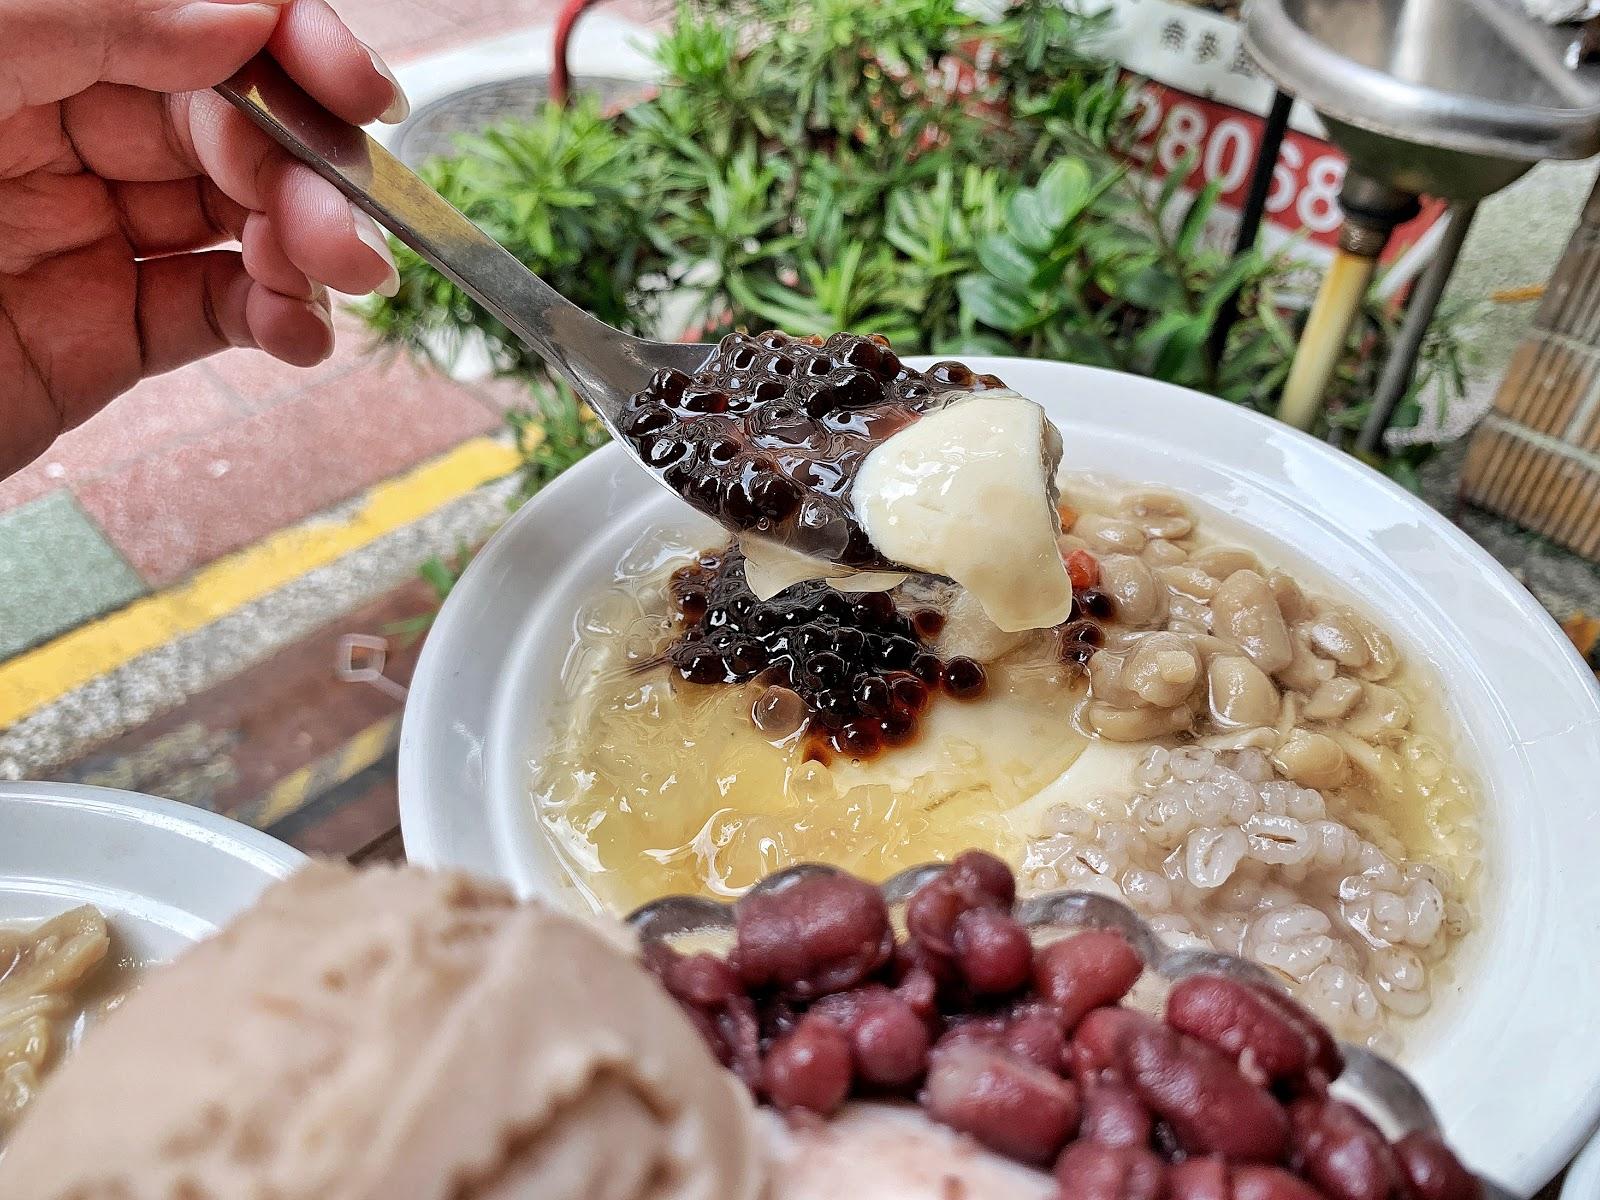 嘉義美食【嘉義品安豆漿豆花】枸杞銀耳豆花